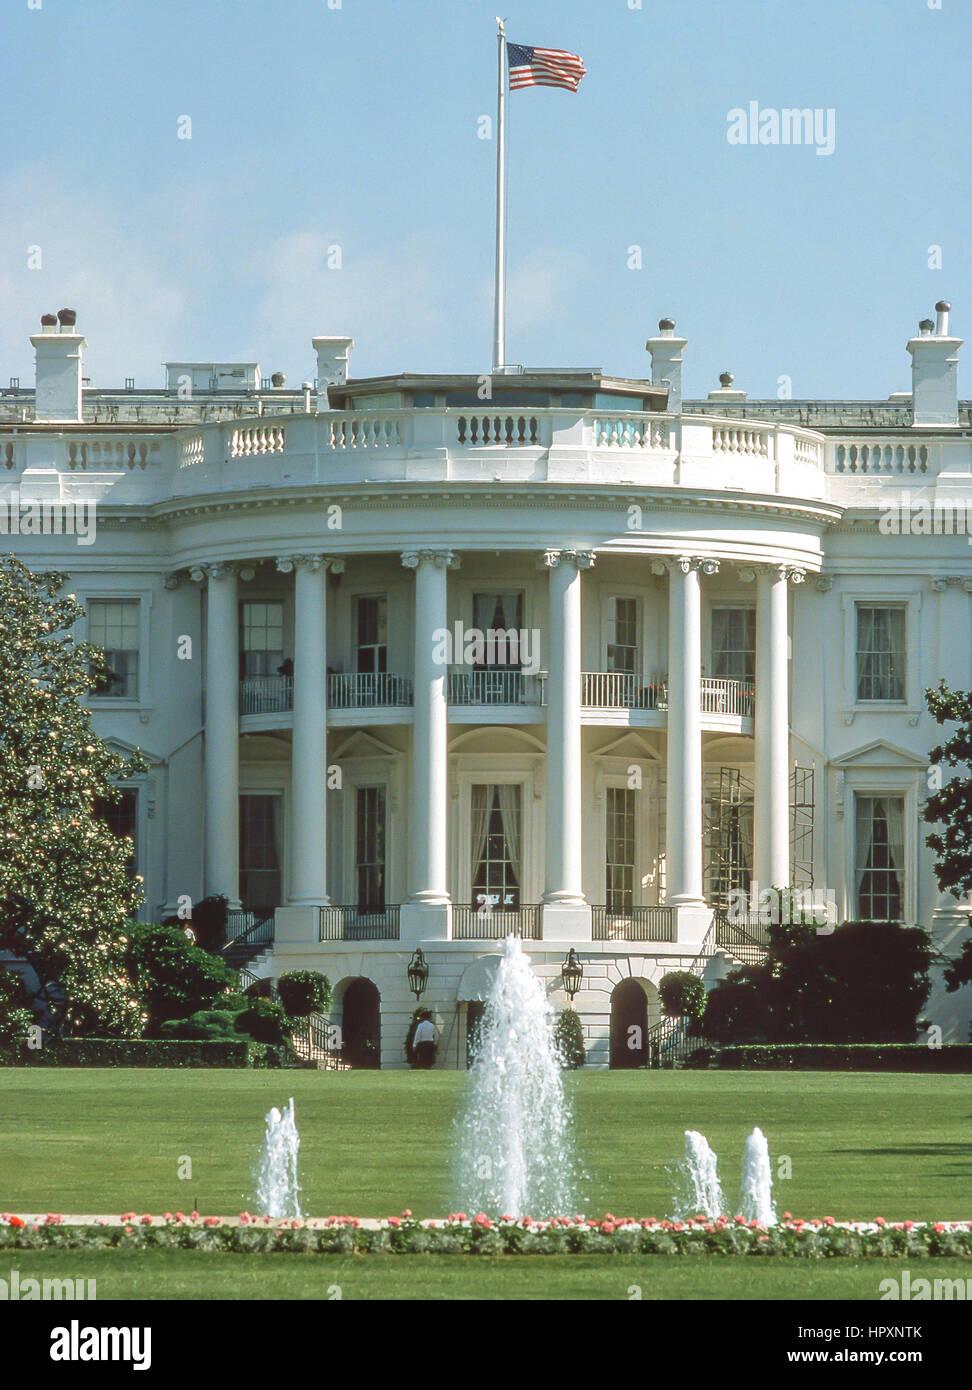 La maison blanche pennsylvania avenue washington dc états unis damérique